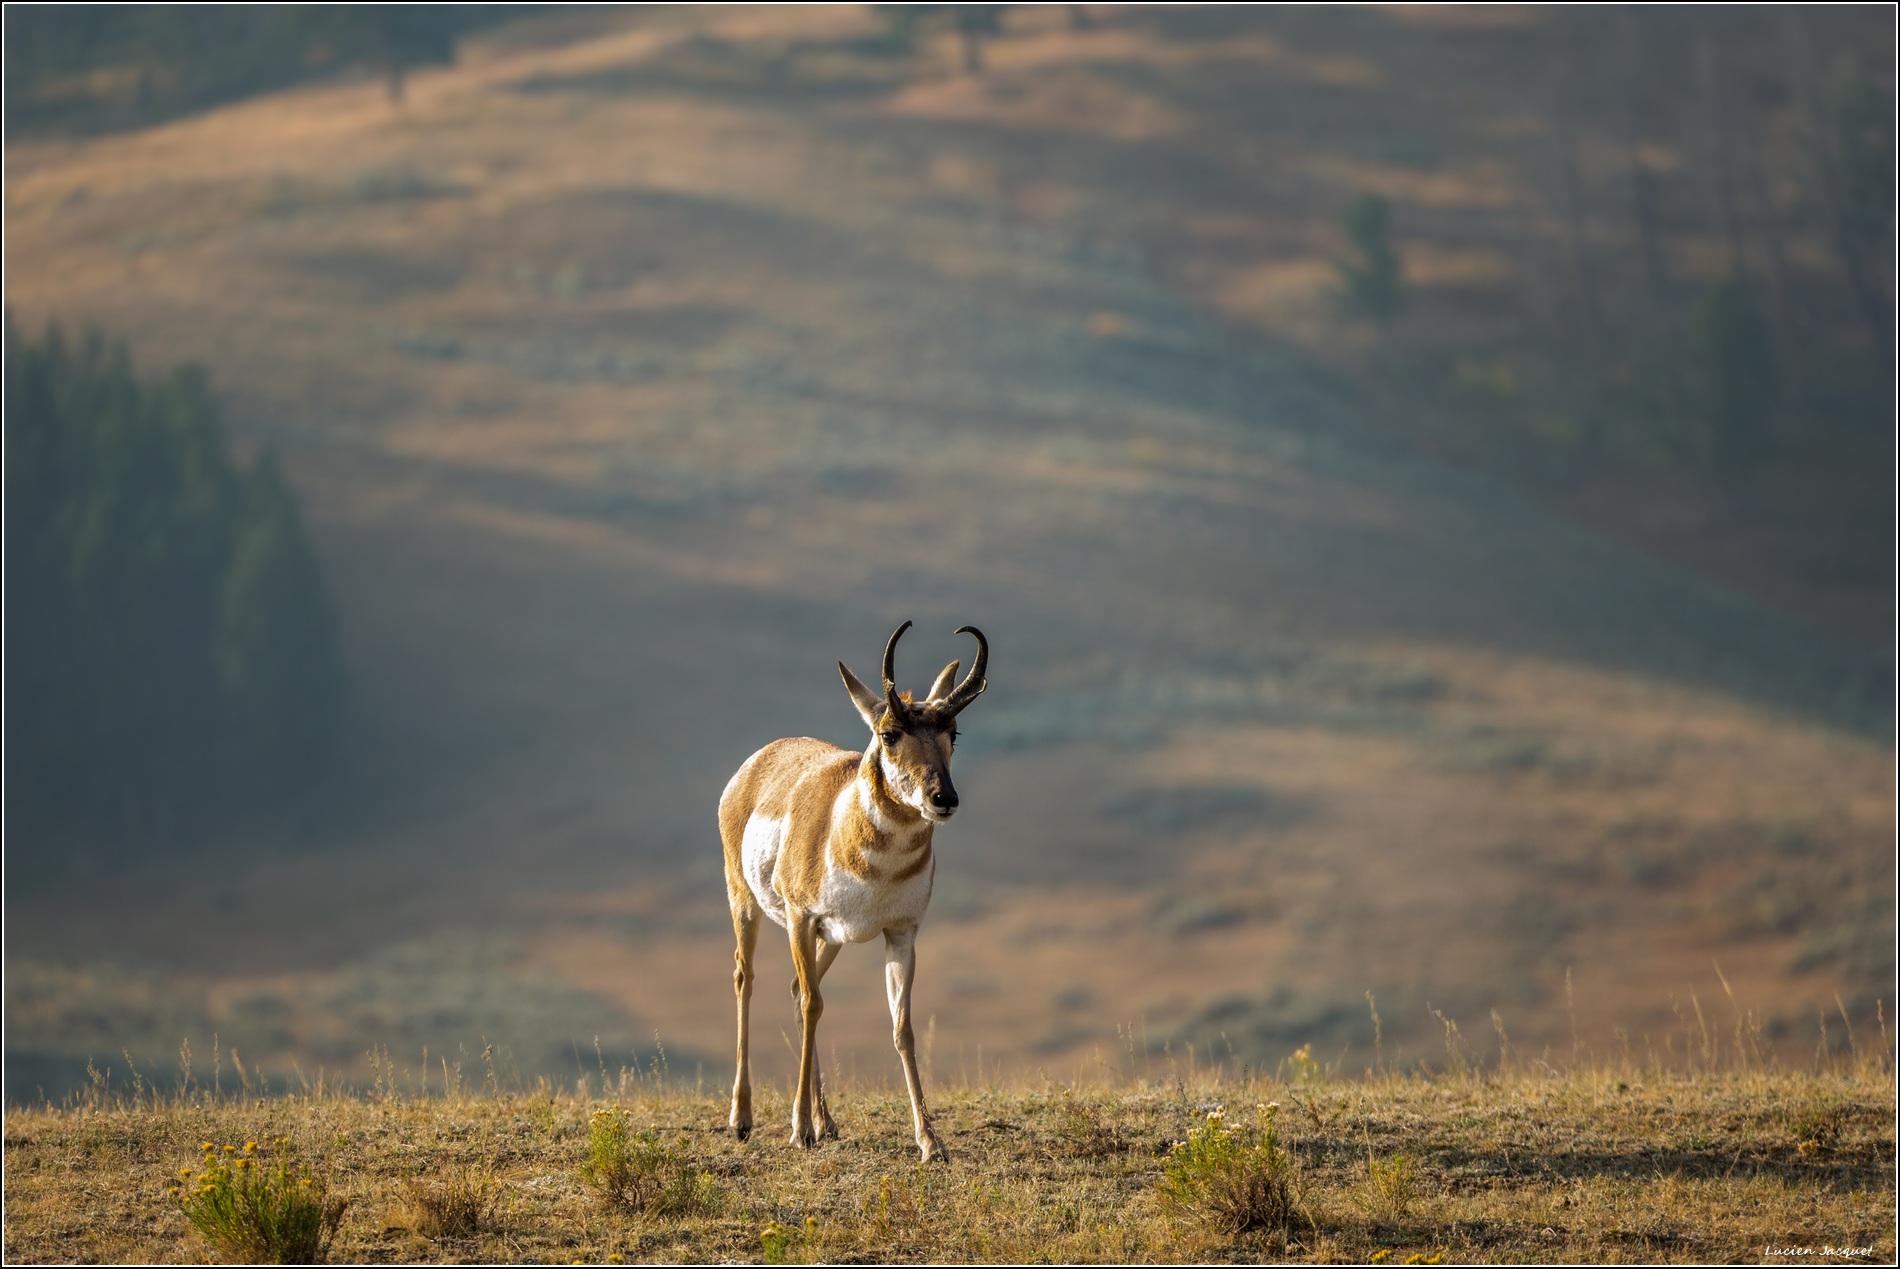 Pronghorn, antilope d'Amèrique du nord